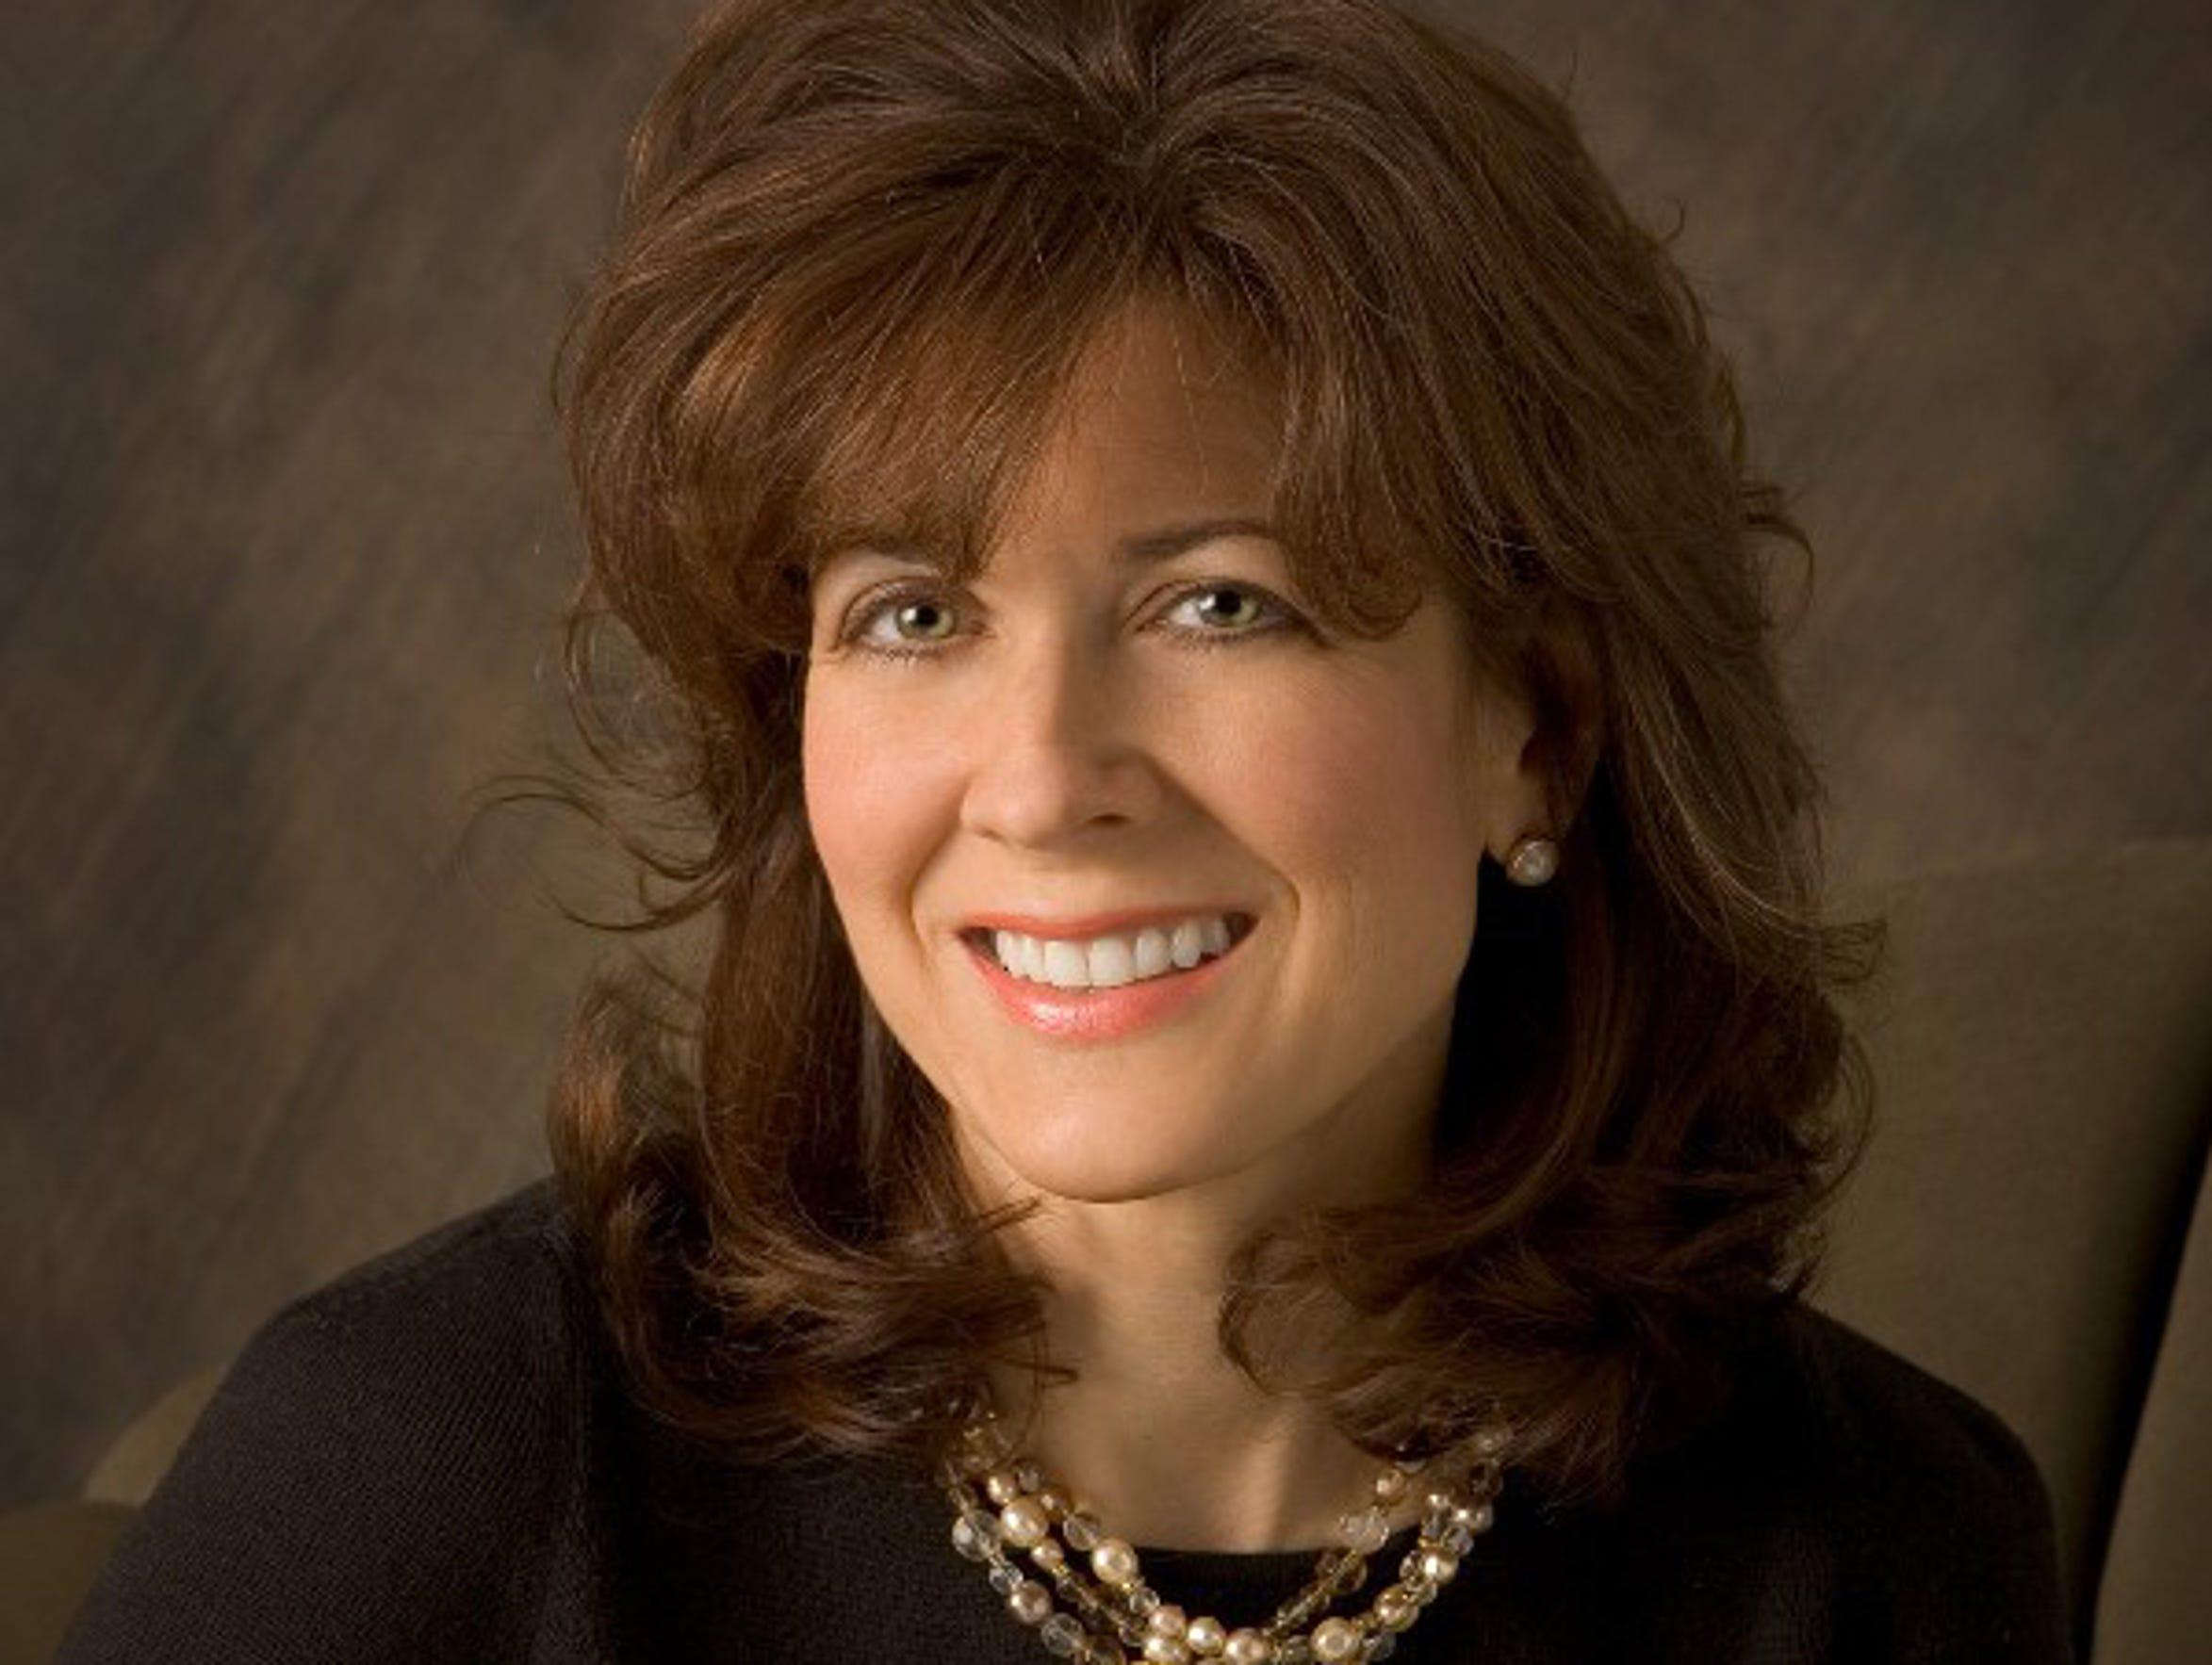 Melissa Krull, former superintendent of Eden Prairie